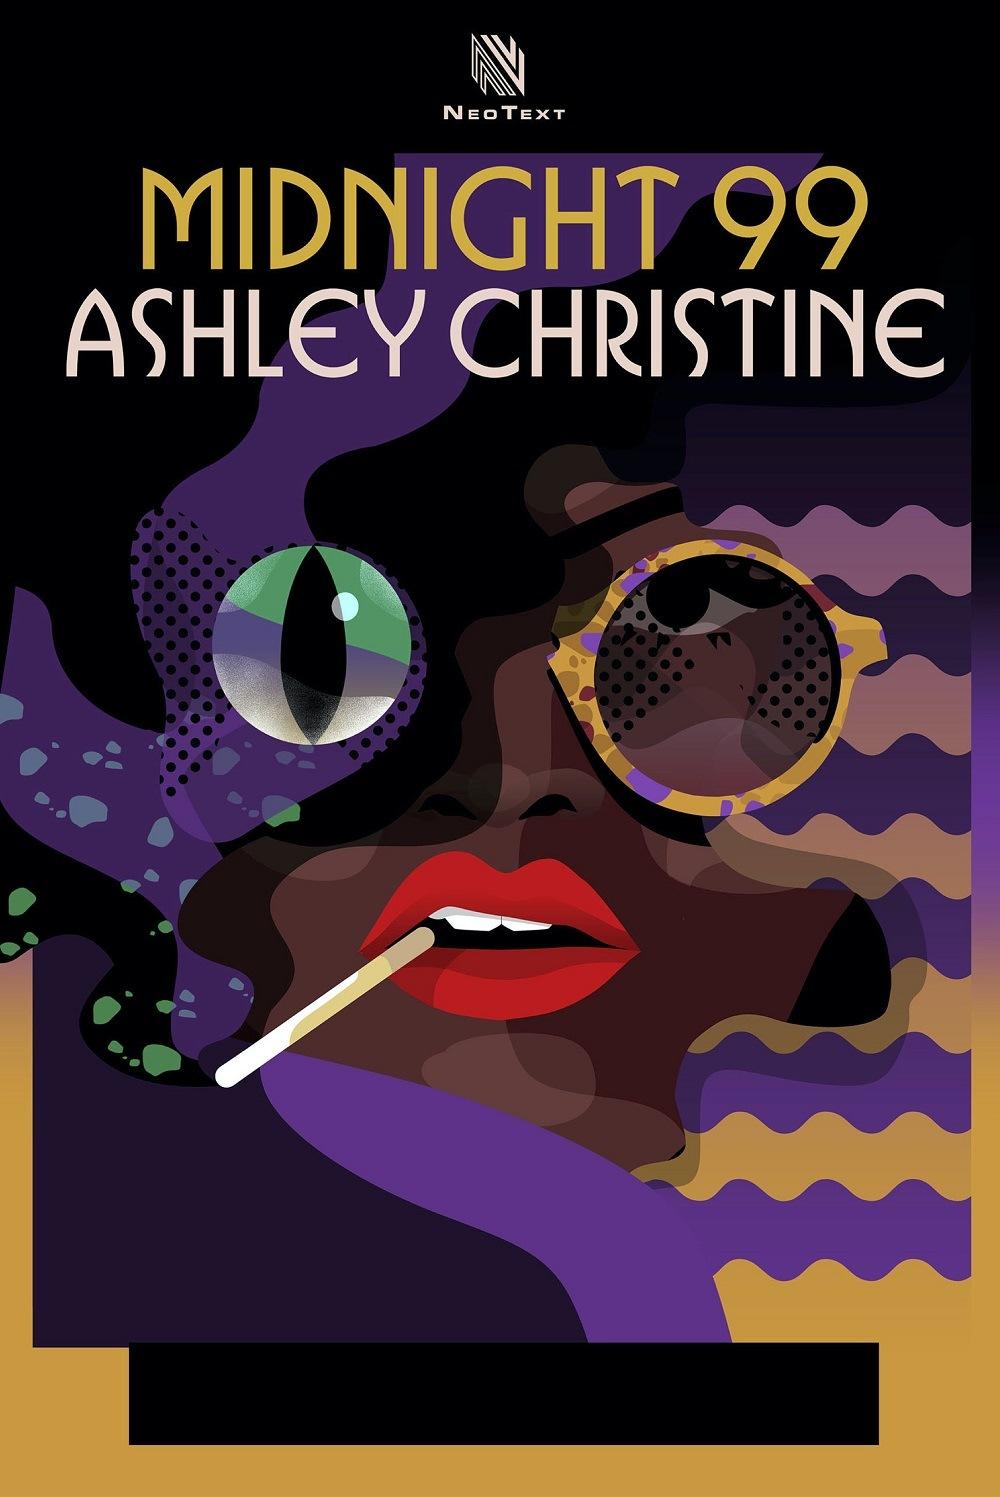 midnight 99 ashley christine